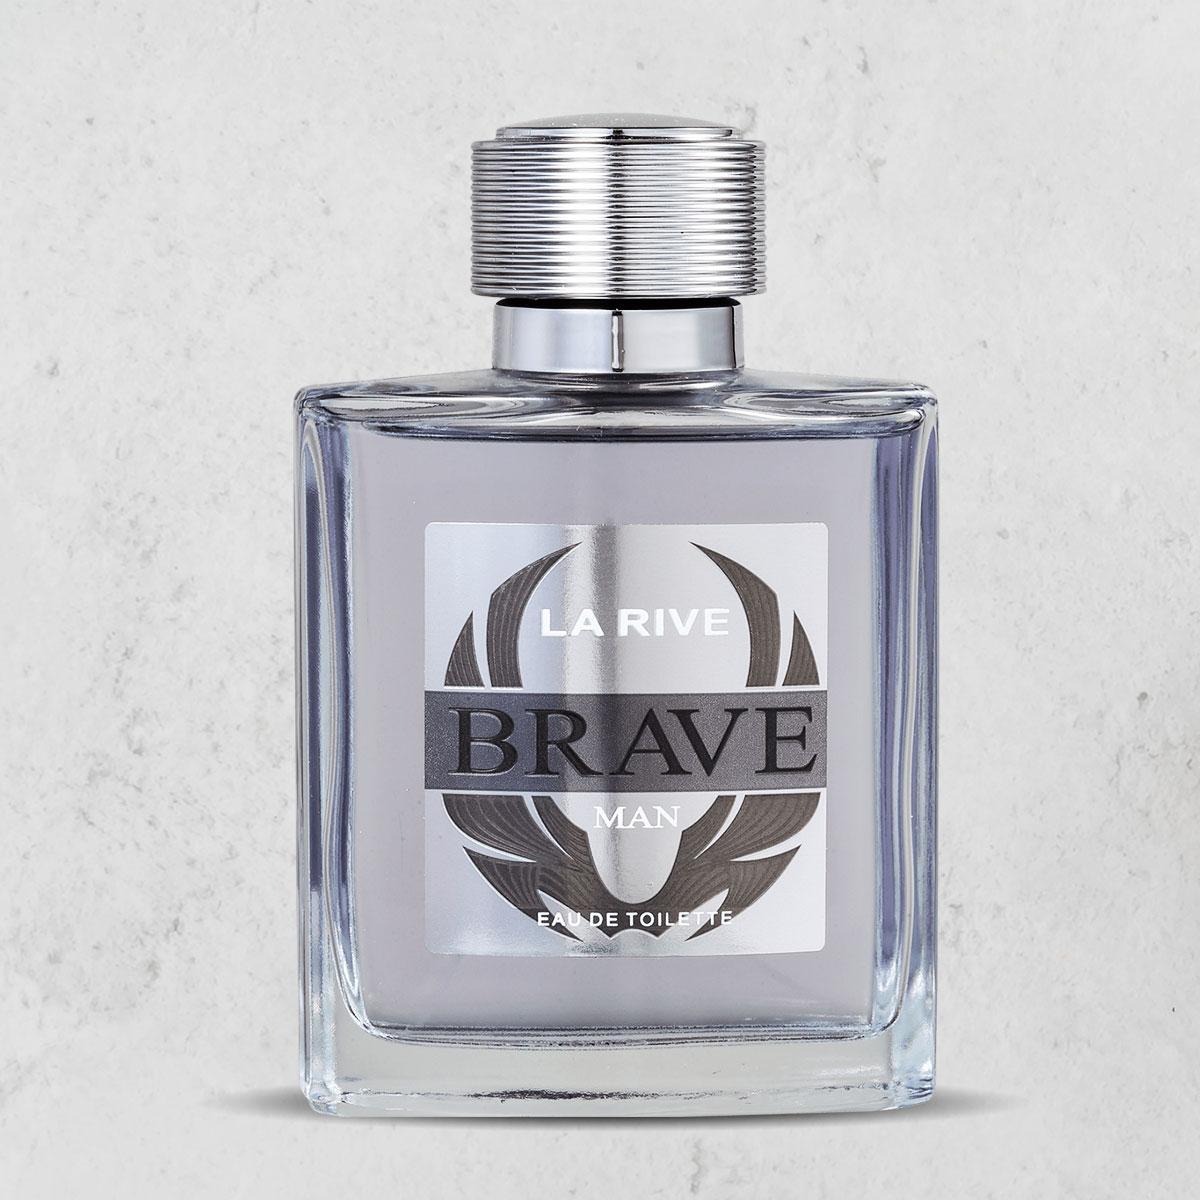 Perfume Brave Masculino Edt 100ml La Rive